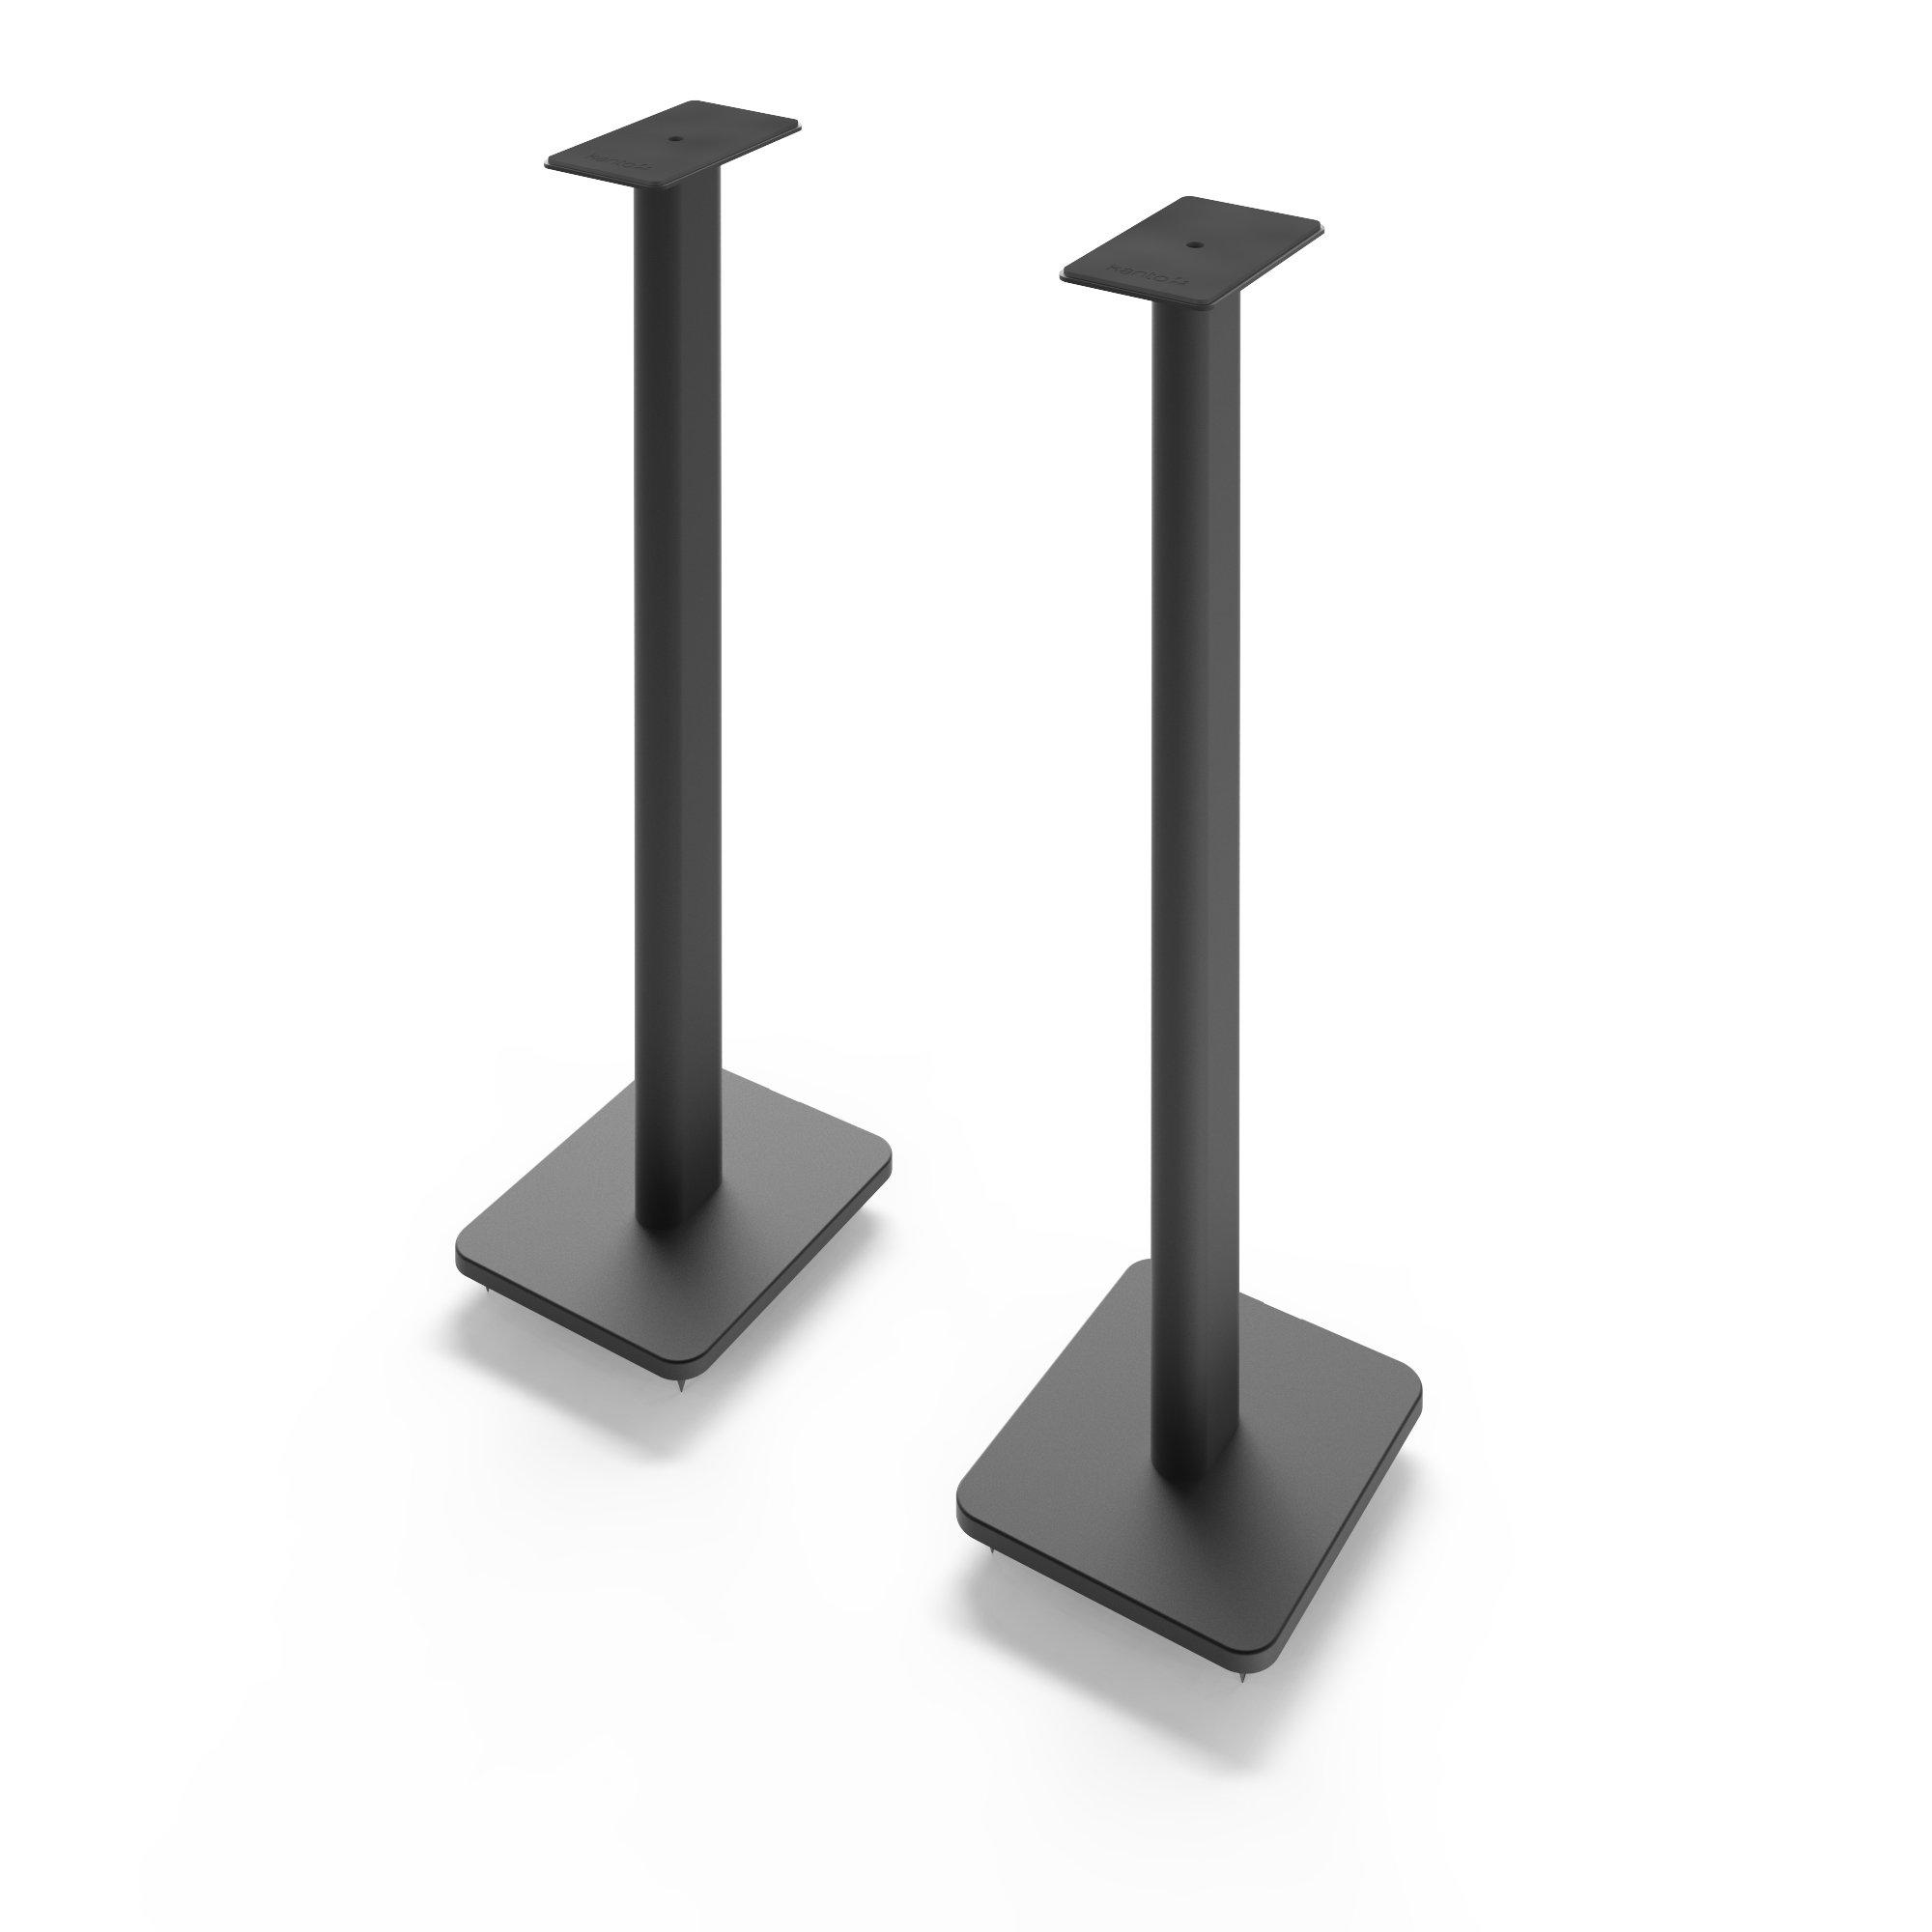 Kanto SP32PL 32 inch Bookshelf Speaker Stands